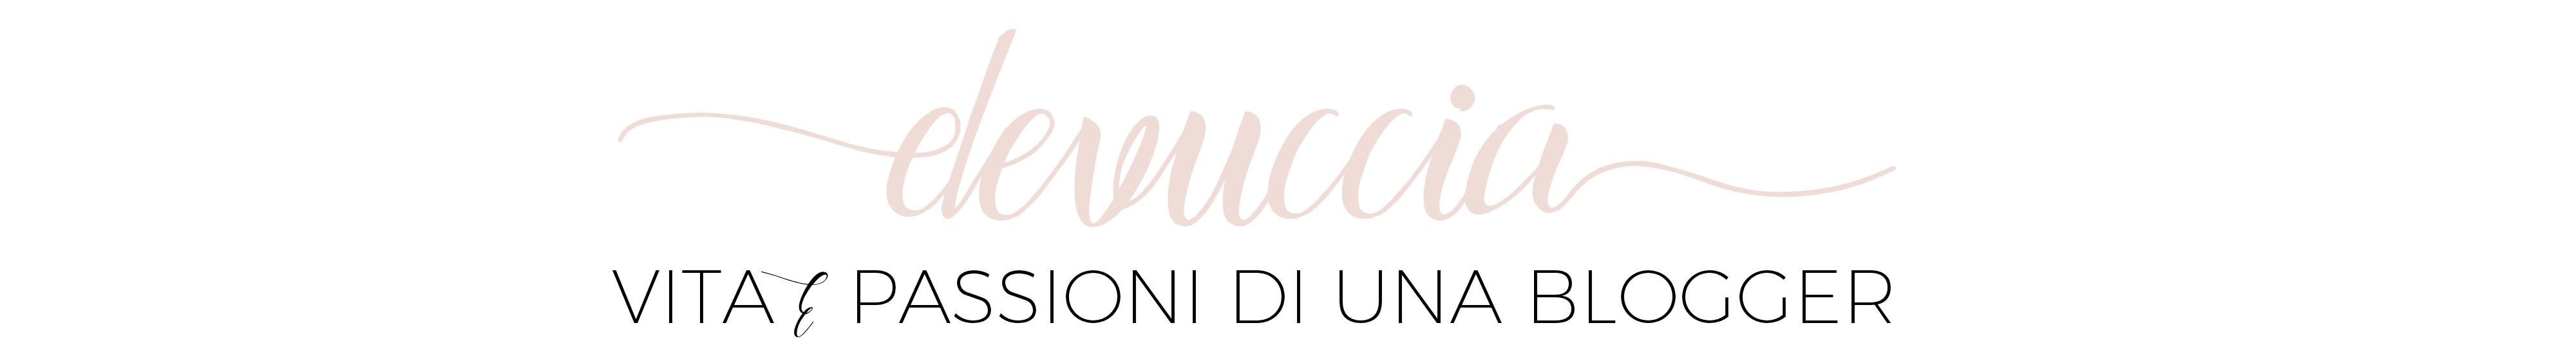 Devuccia.it